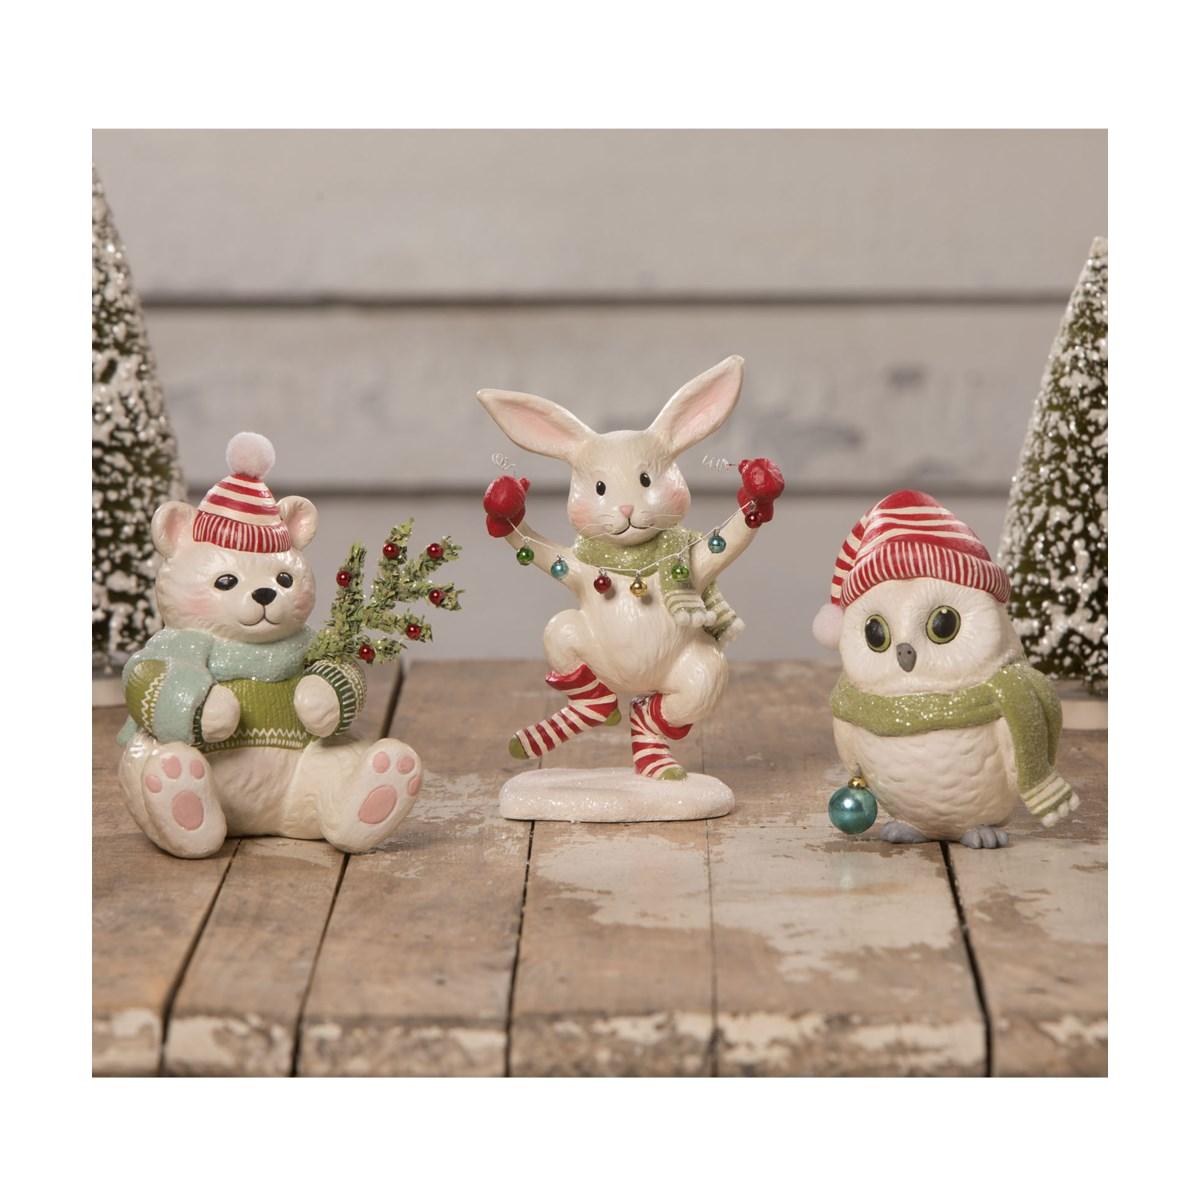 Owl Be Home for Christmas Owl